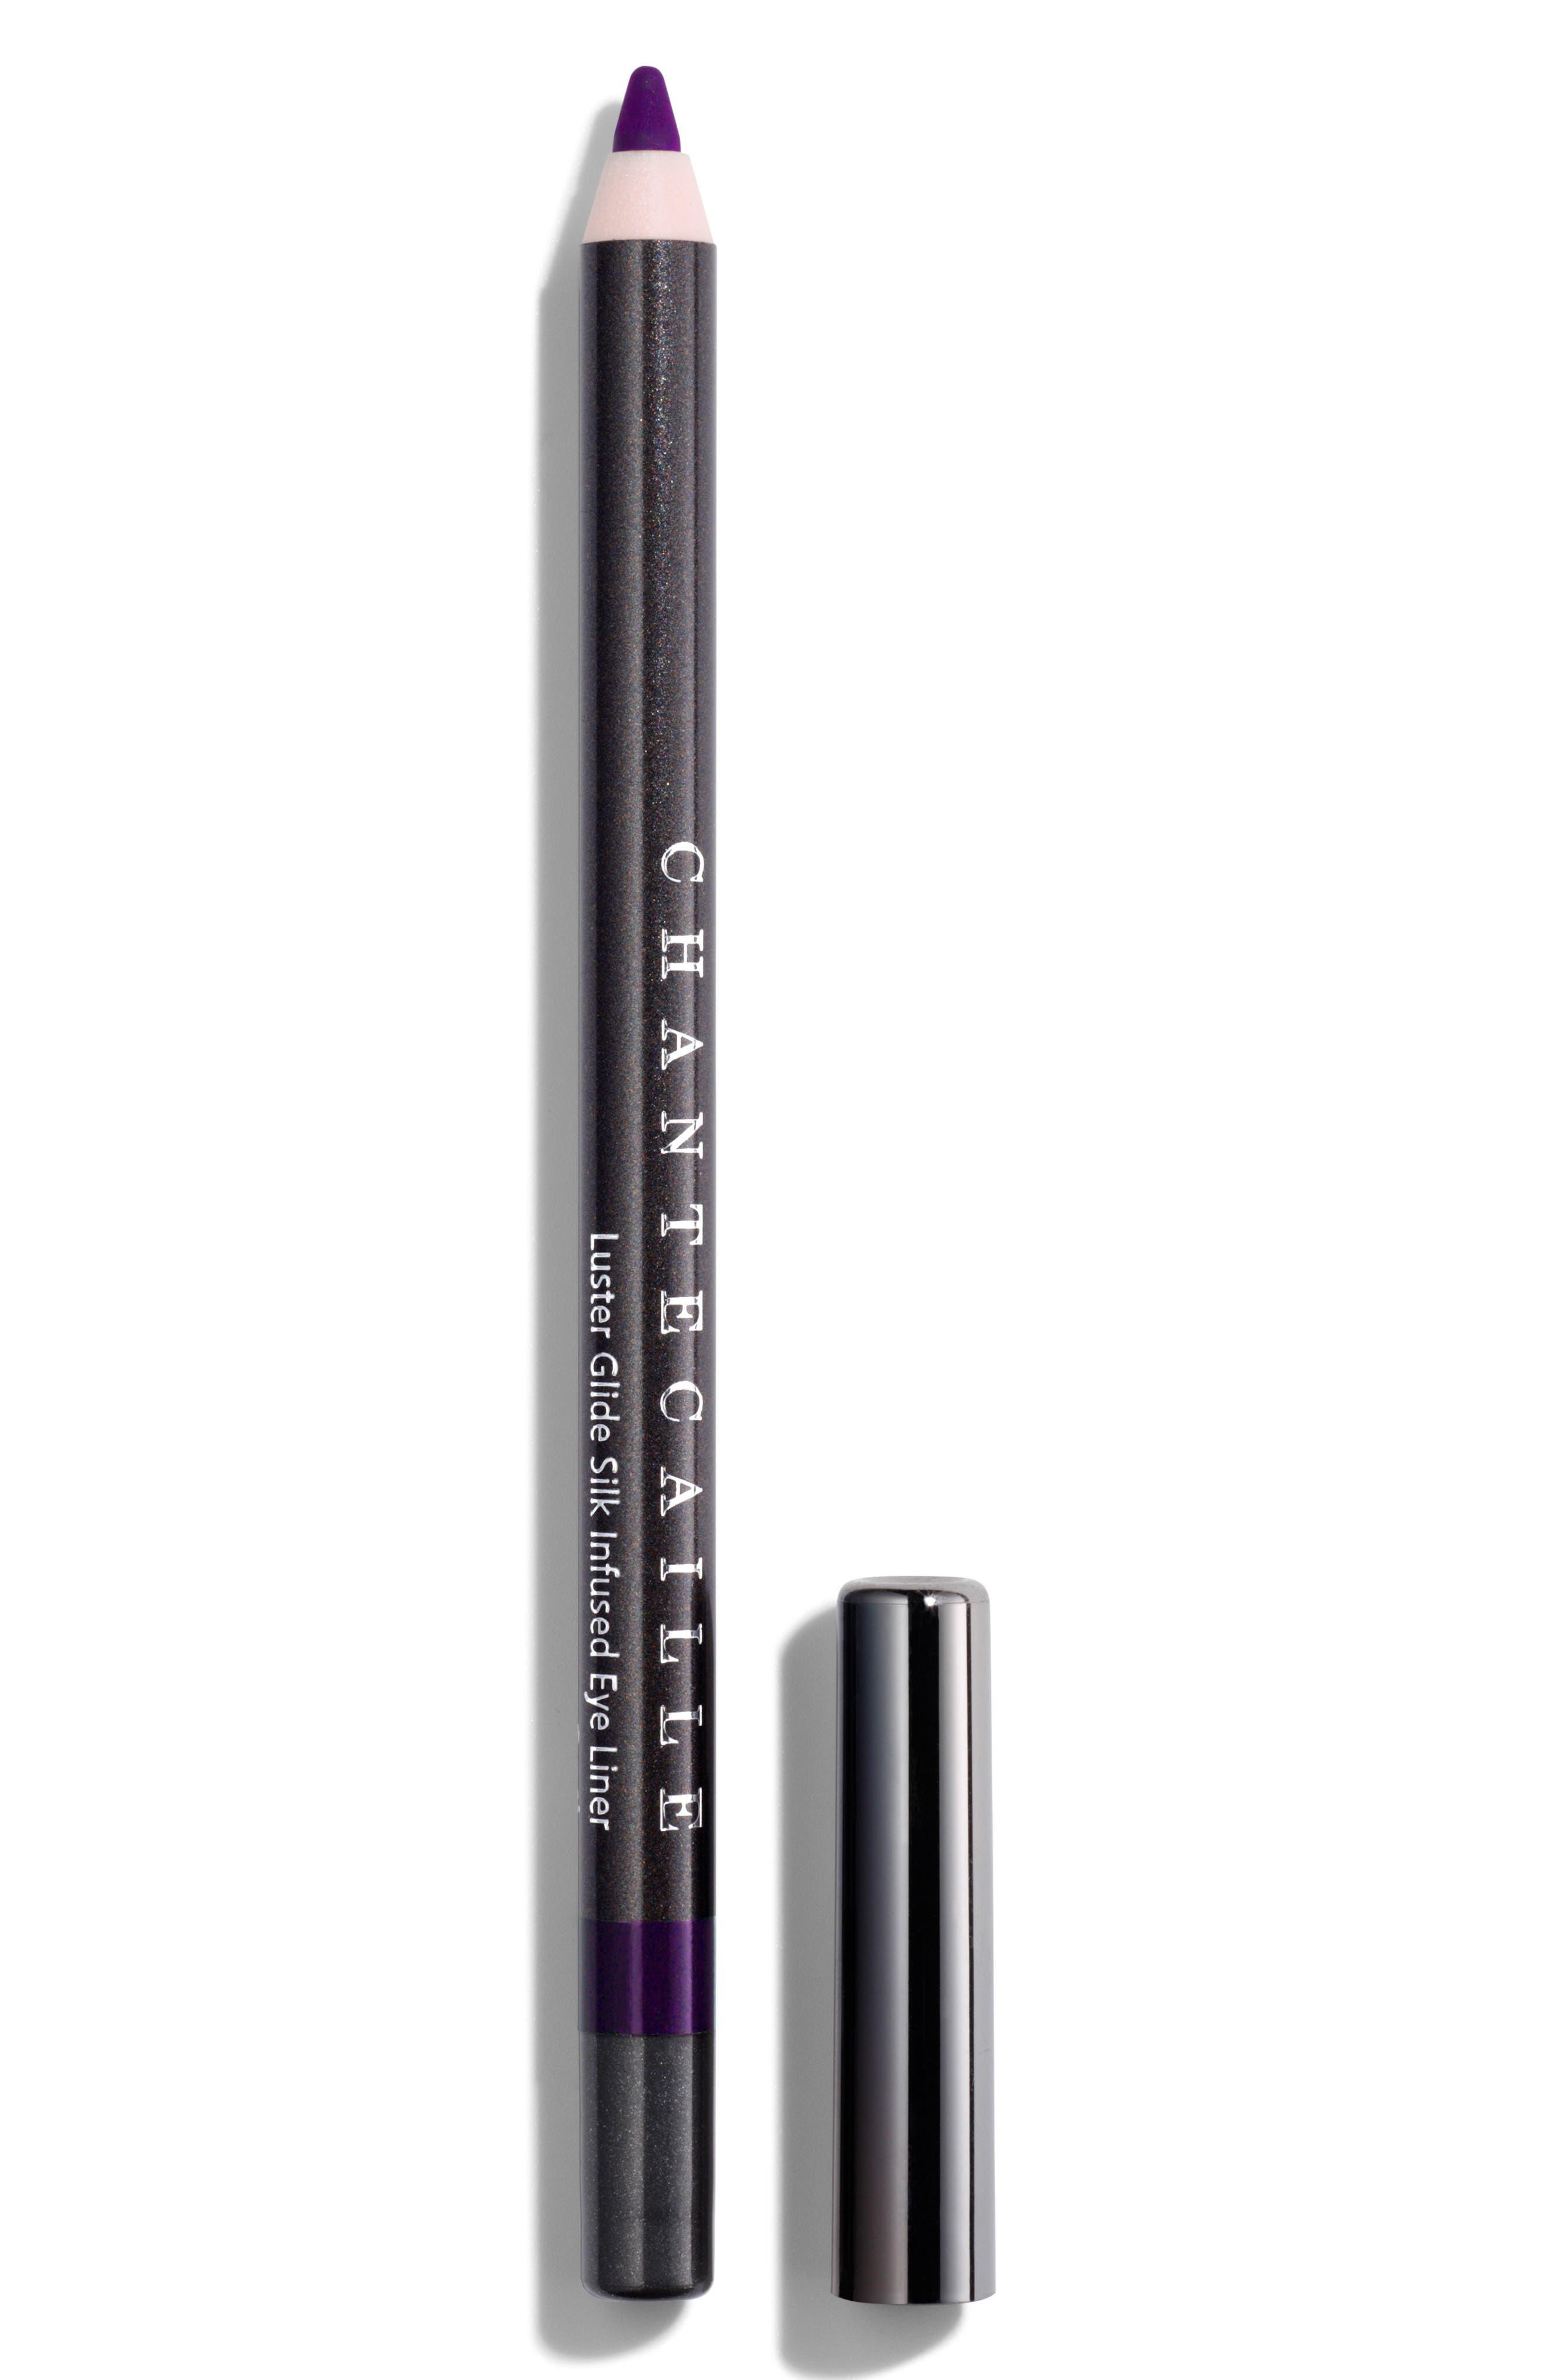 Chantecaille Luster Glide Silk Infused Eyeliner - Violet Damask